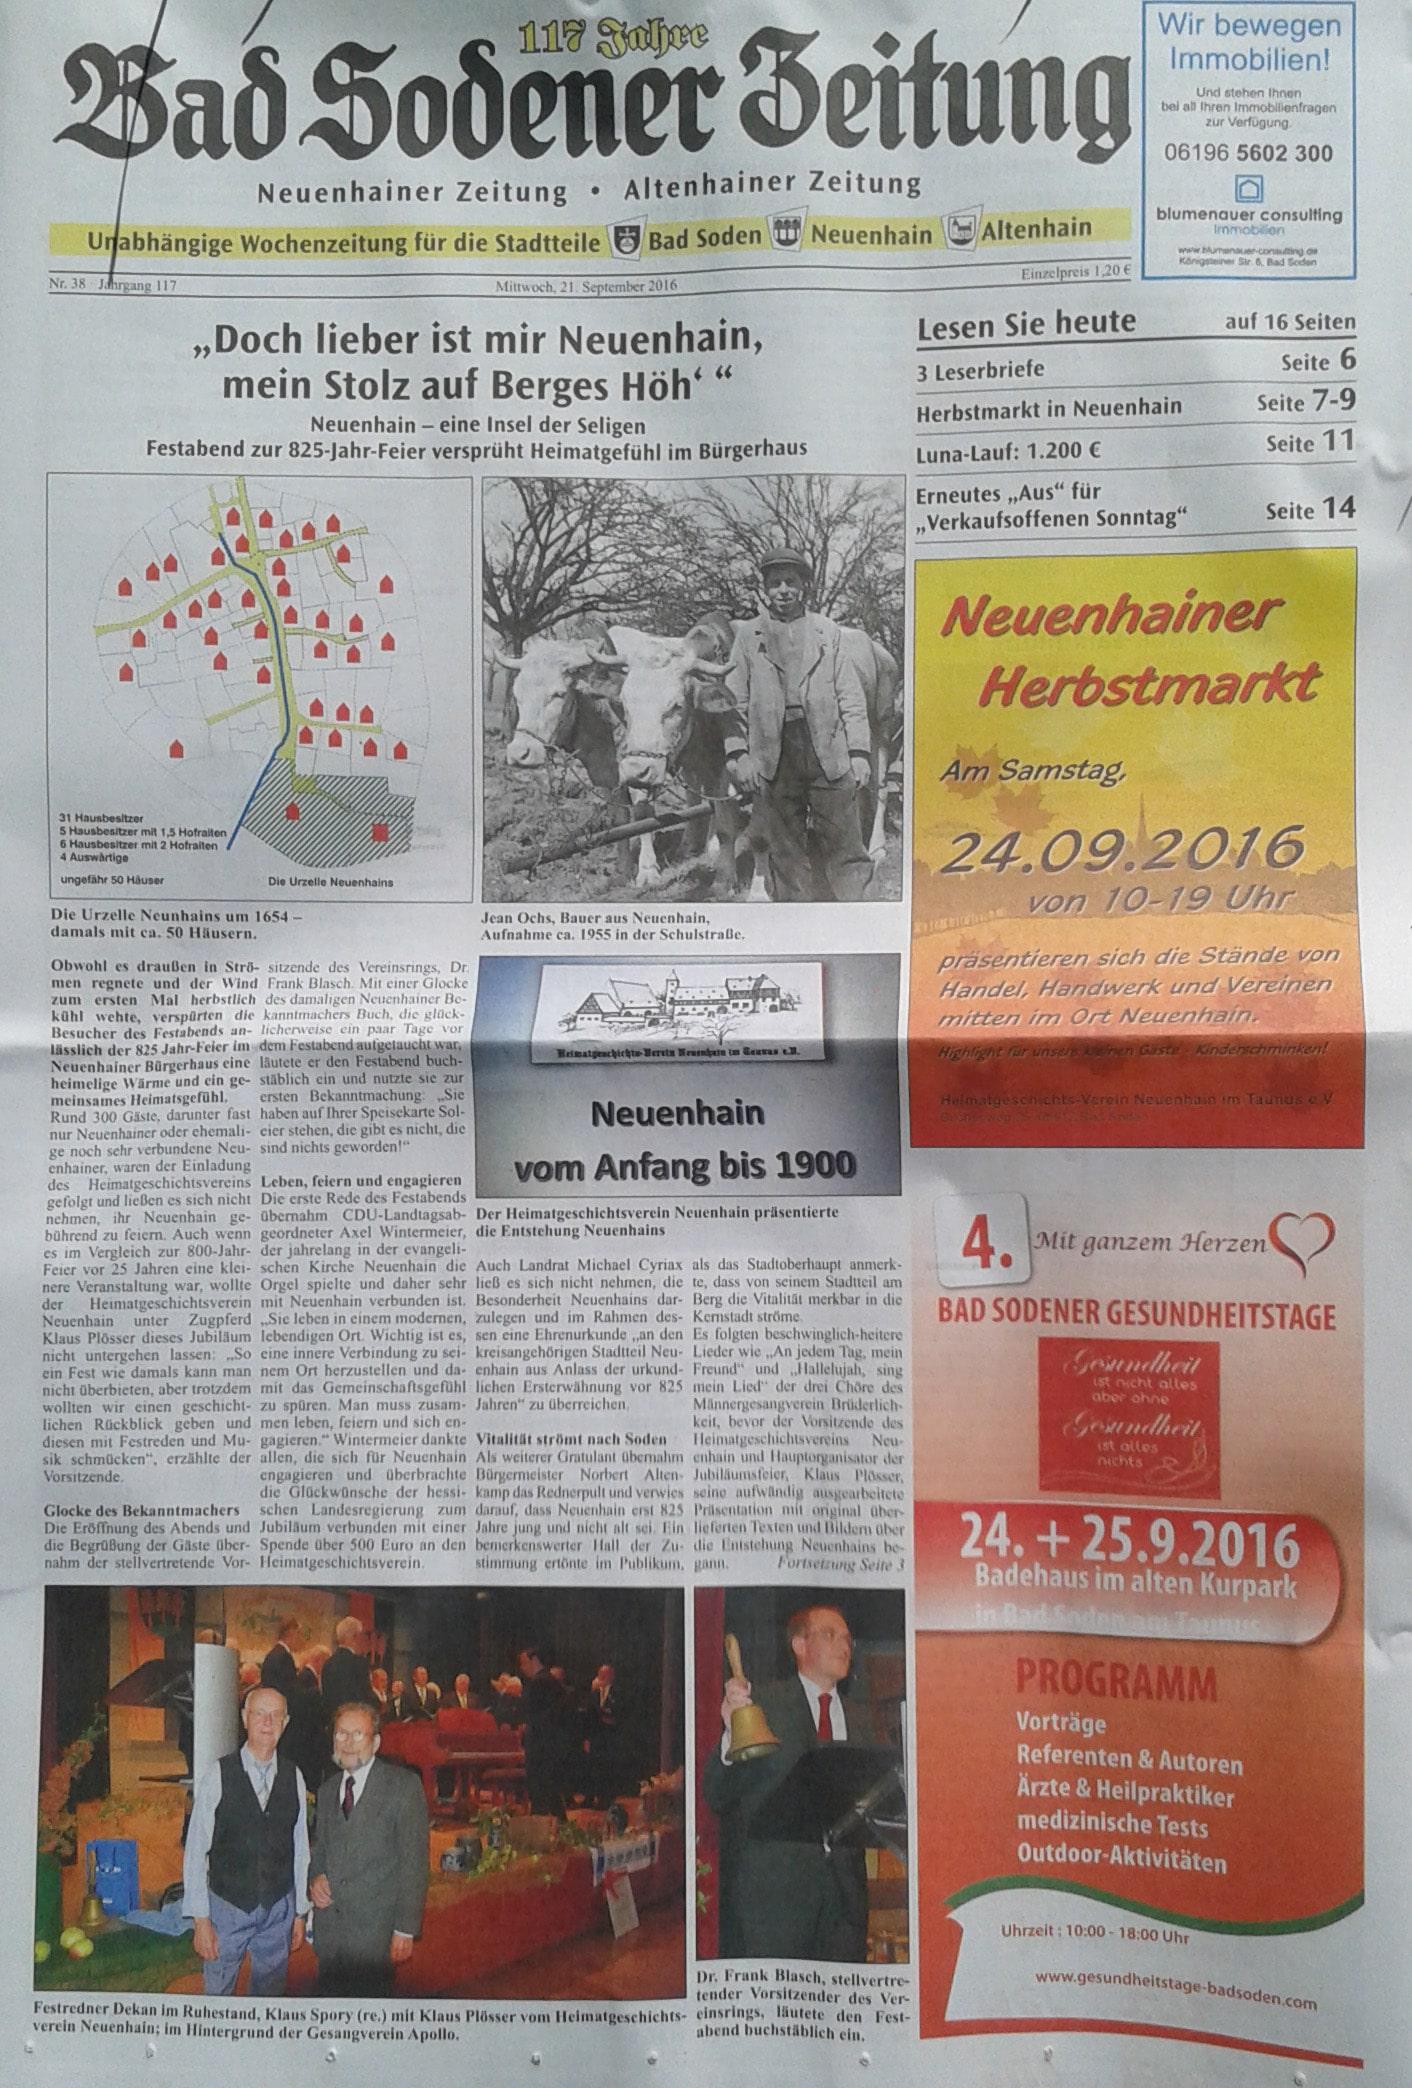 presse_21-9-2016_frontseite